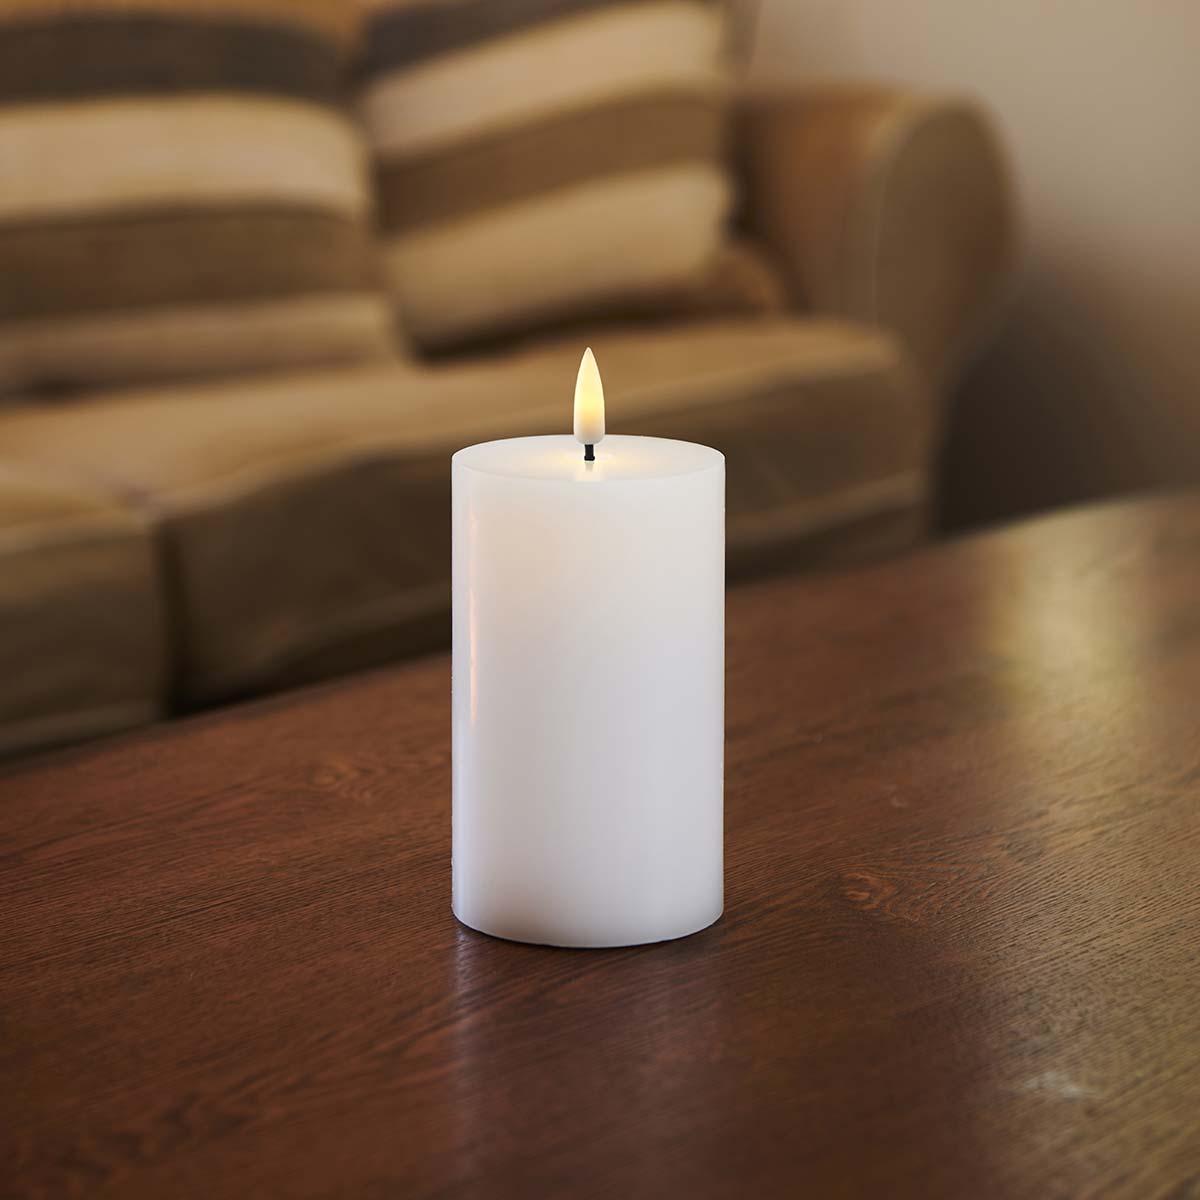 Bougie LED haut plat flamme vacillante H 12.5 * D 7,5 cm